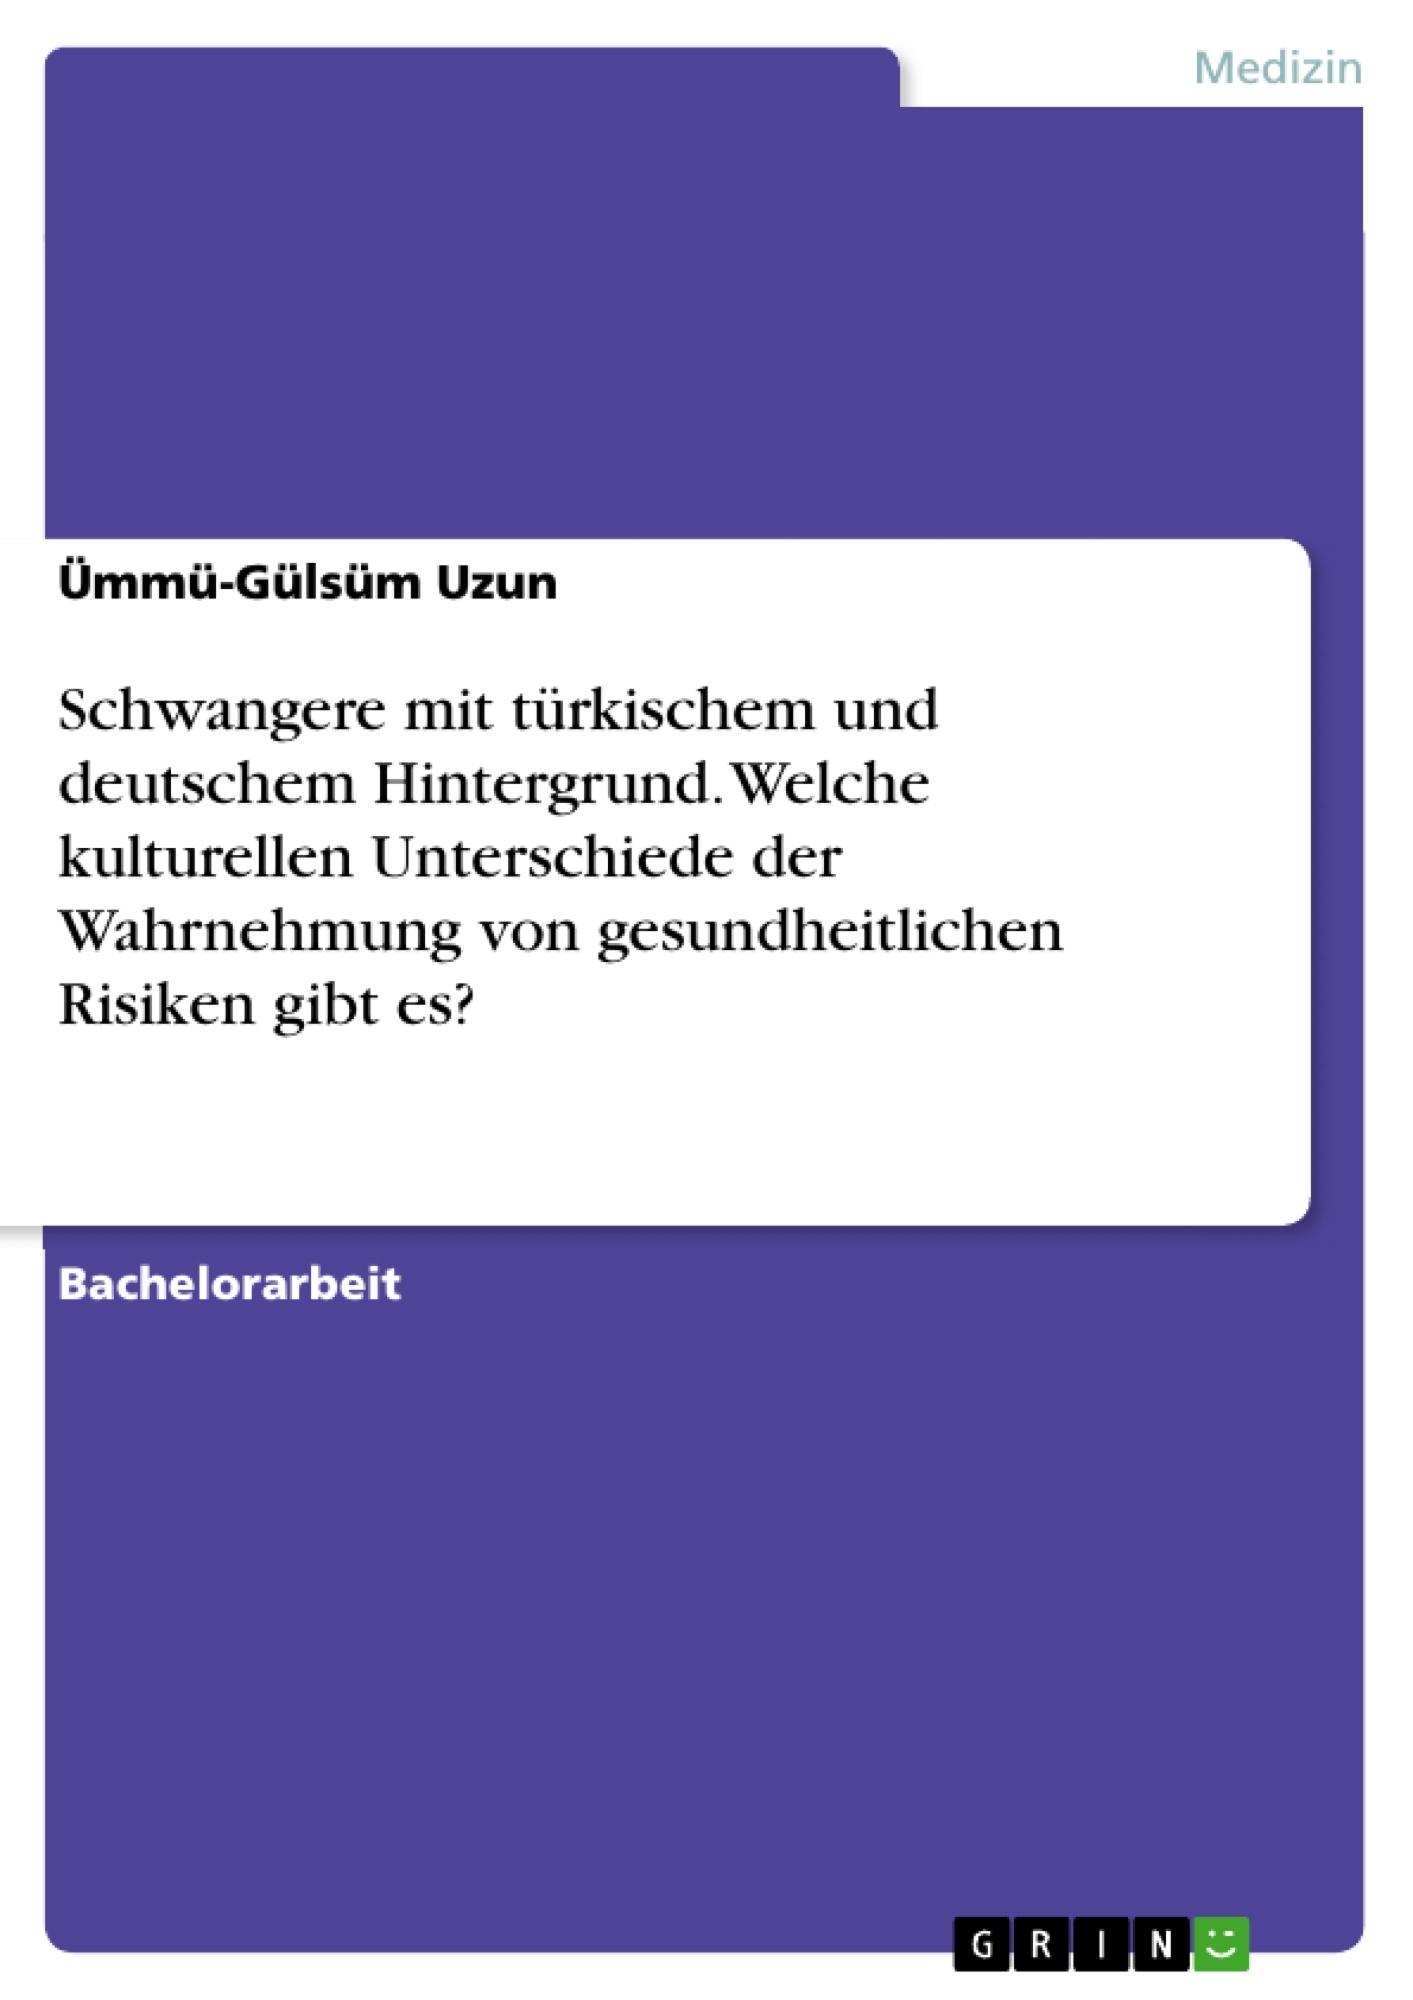 Titel: Schwangere mit türkischem und deutschem Hintergrund. Welche kulturellen Unterschiede der Wahrnehmung von gesundheitlichen Risiken gibt es?